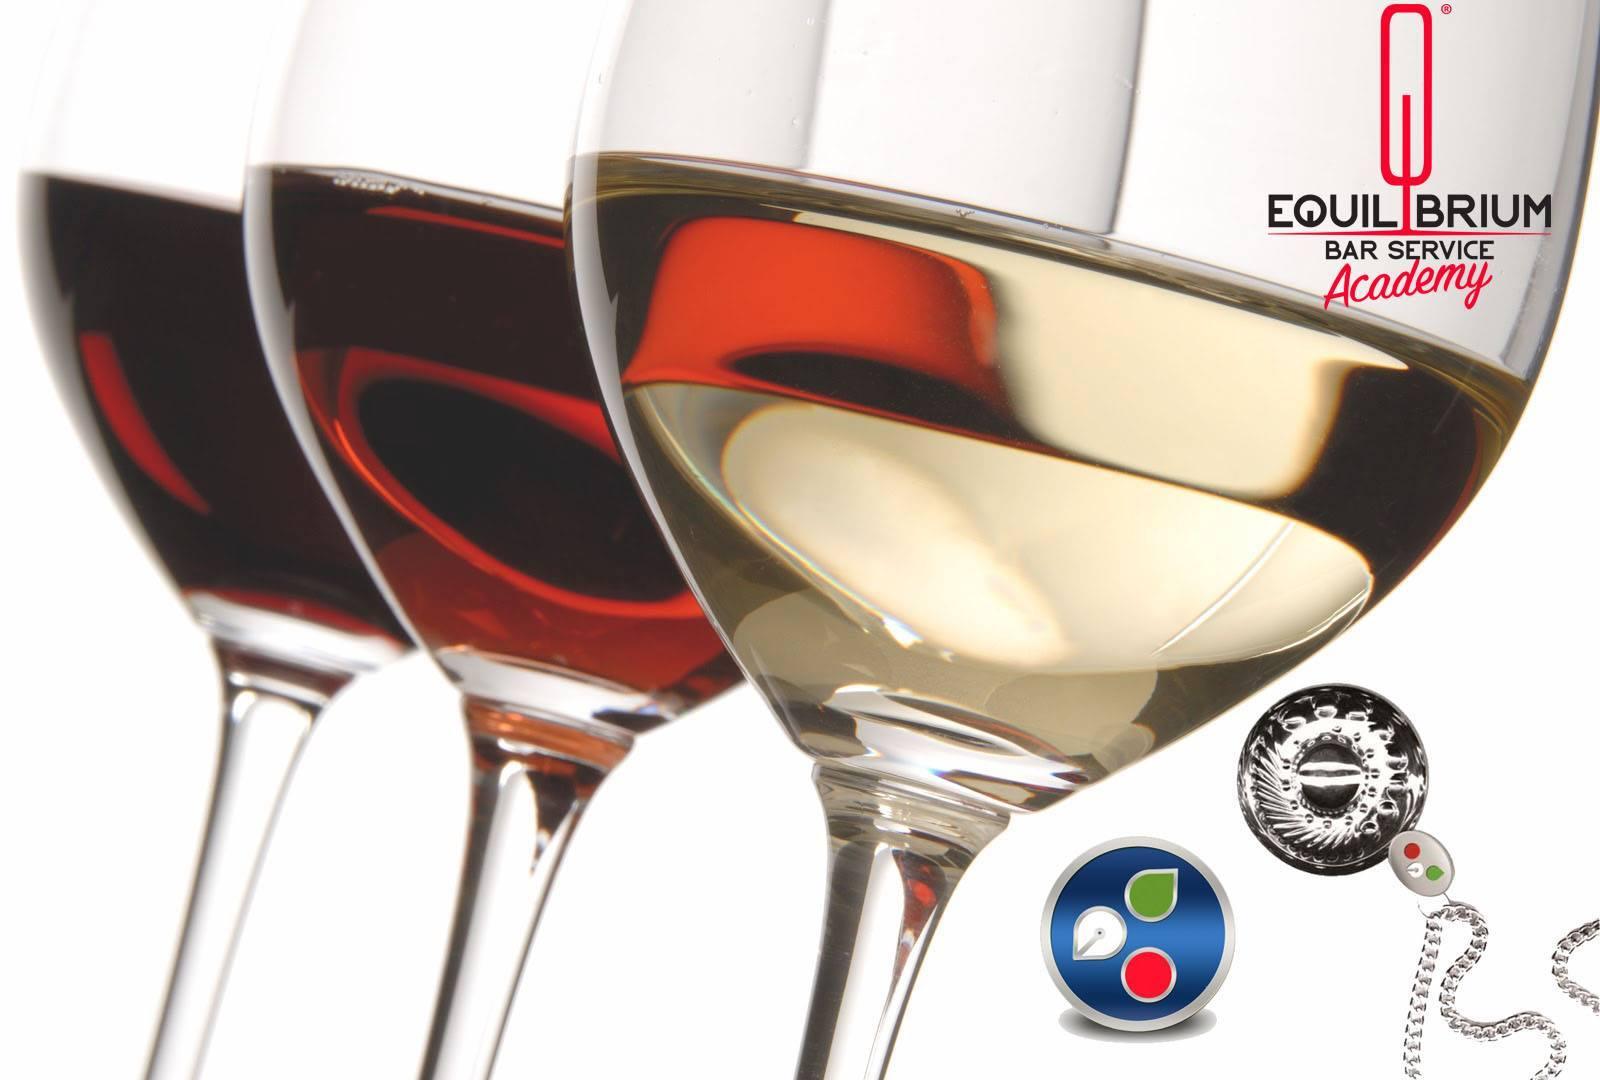 Corso di Degustazione e Analisi Sensoriale del Vino